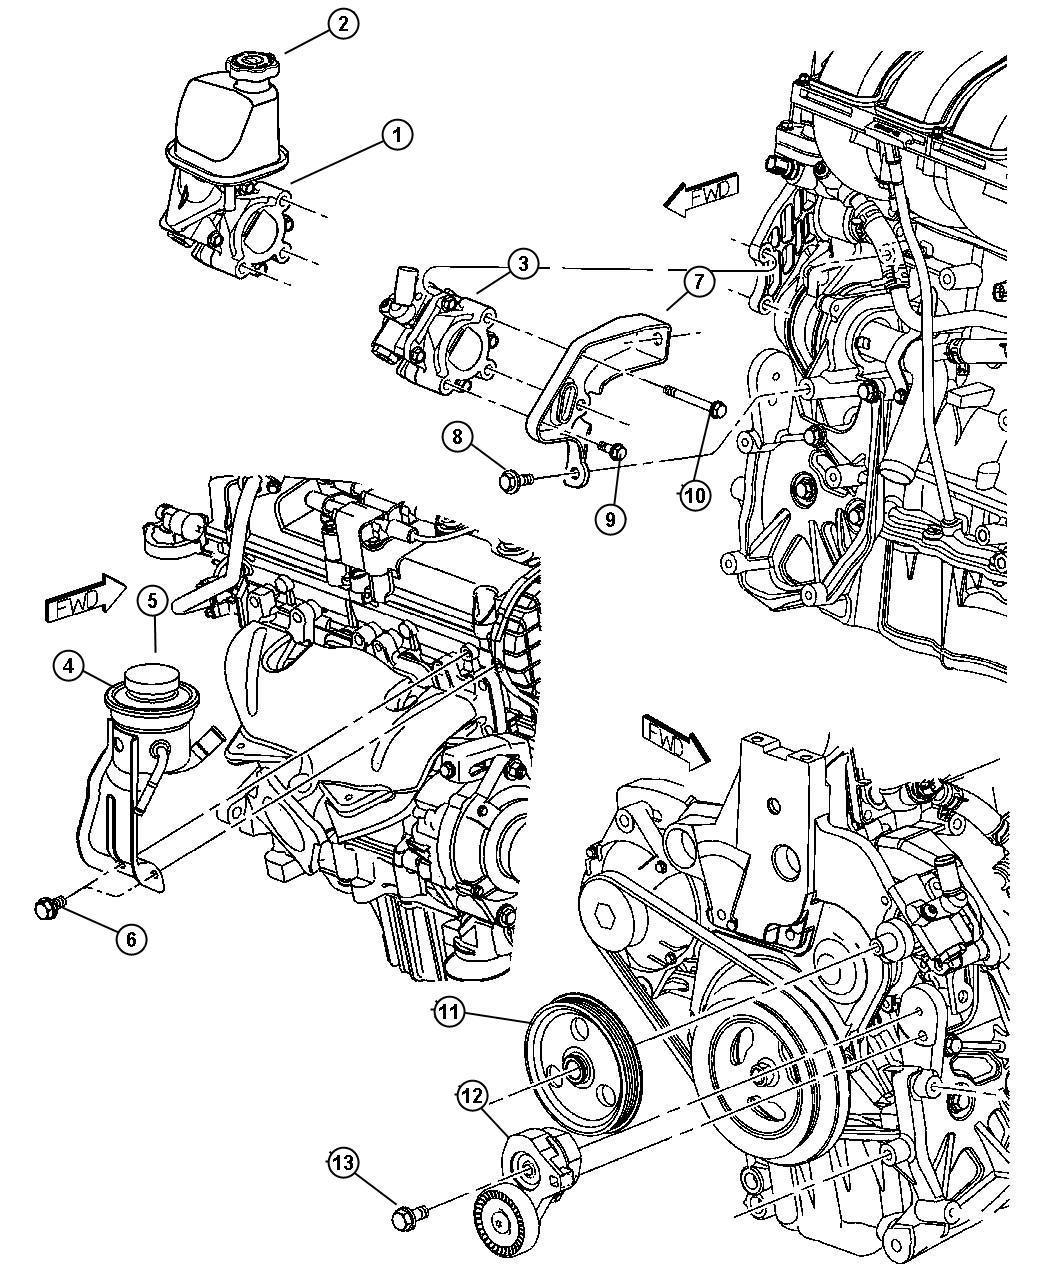 2003 Chrysler PT Cruiser Cap. Power steering reservoir